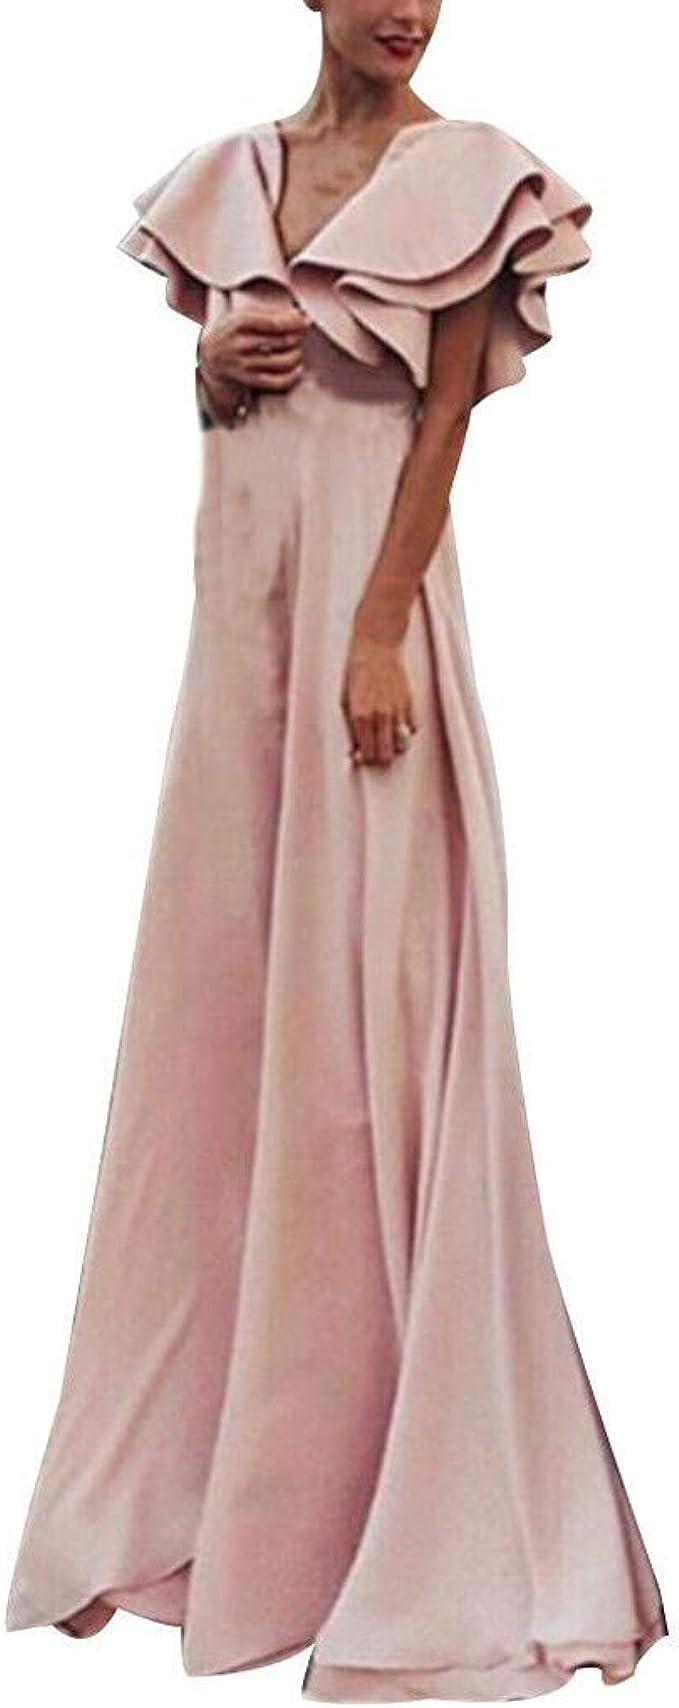 Kurzarm Kleider,Transwen Damen V-Ausschnitt Brautjungfer